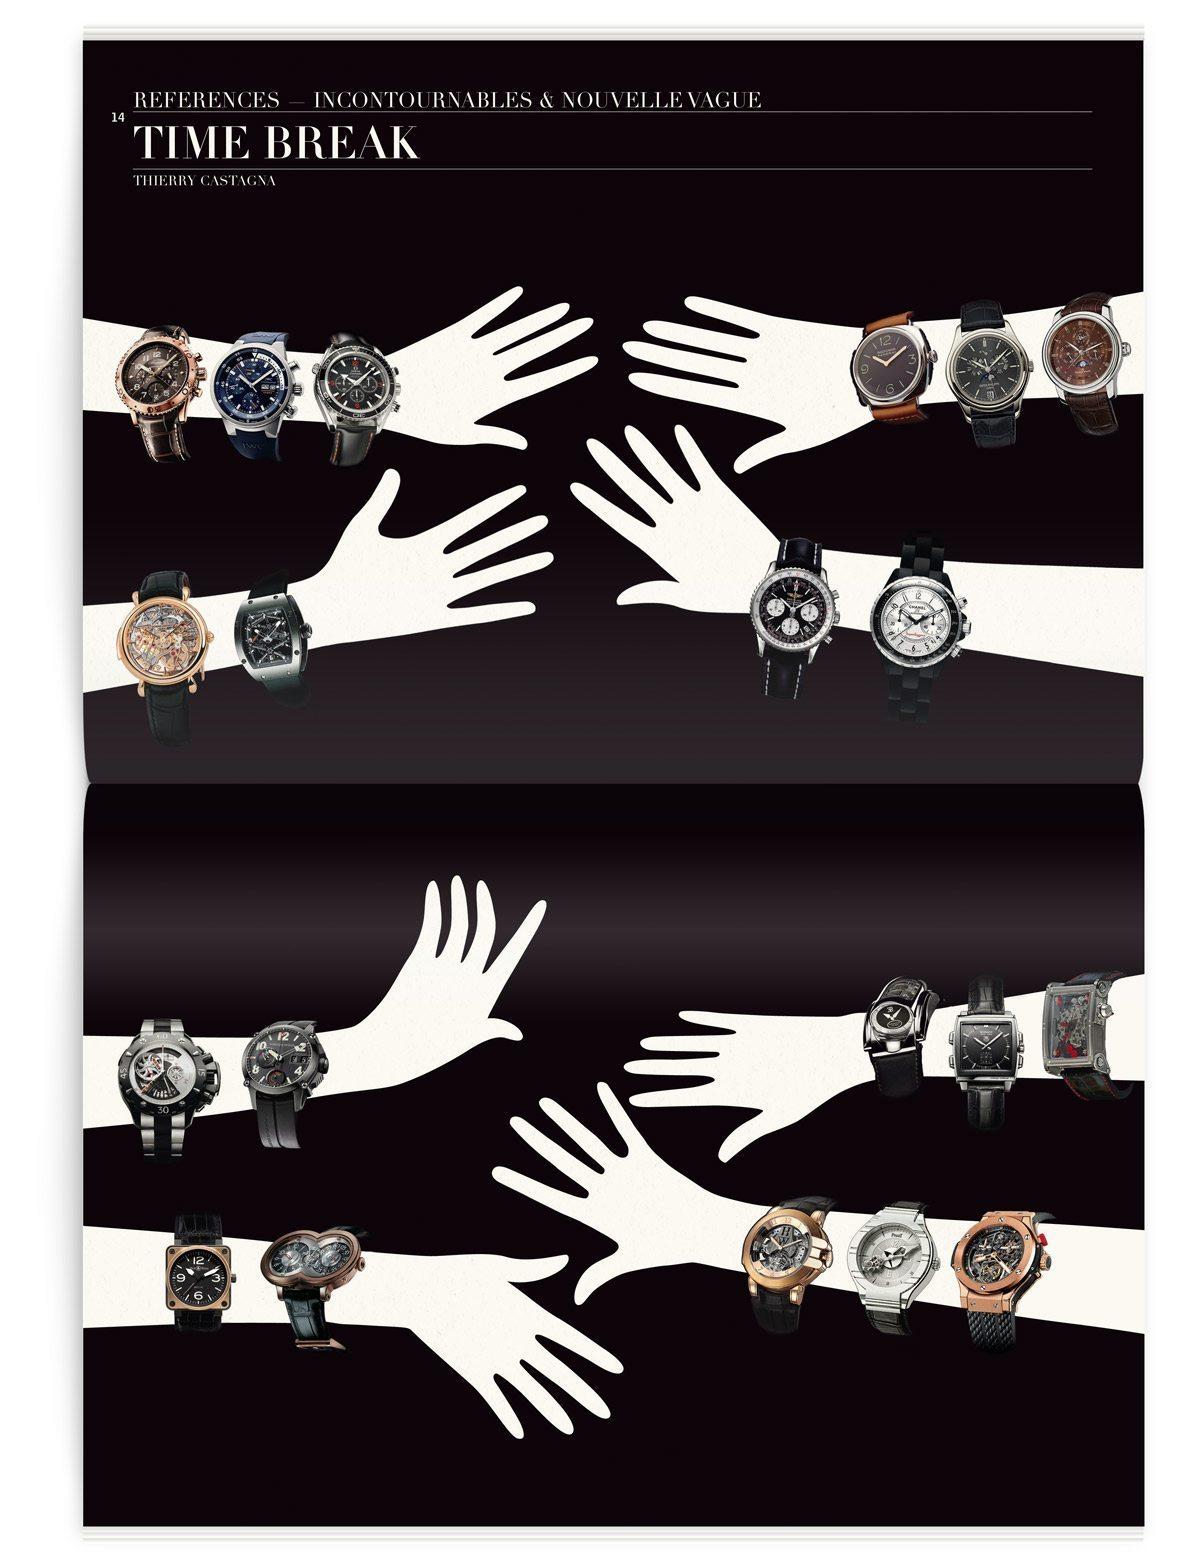 Montres incontournables et style nouvelle vague, montres de marque pour le magazine Iconofly, revue d'art, design IchetKar